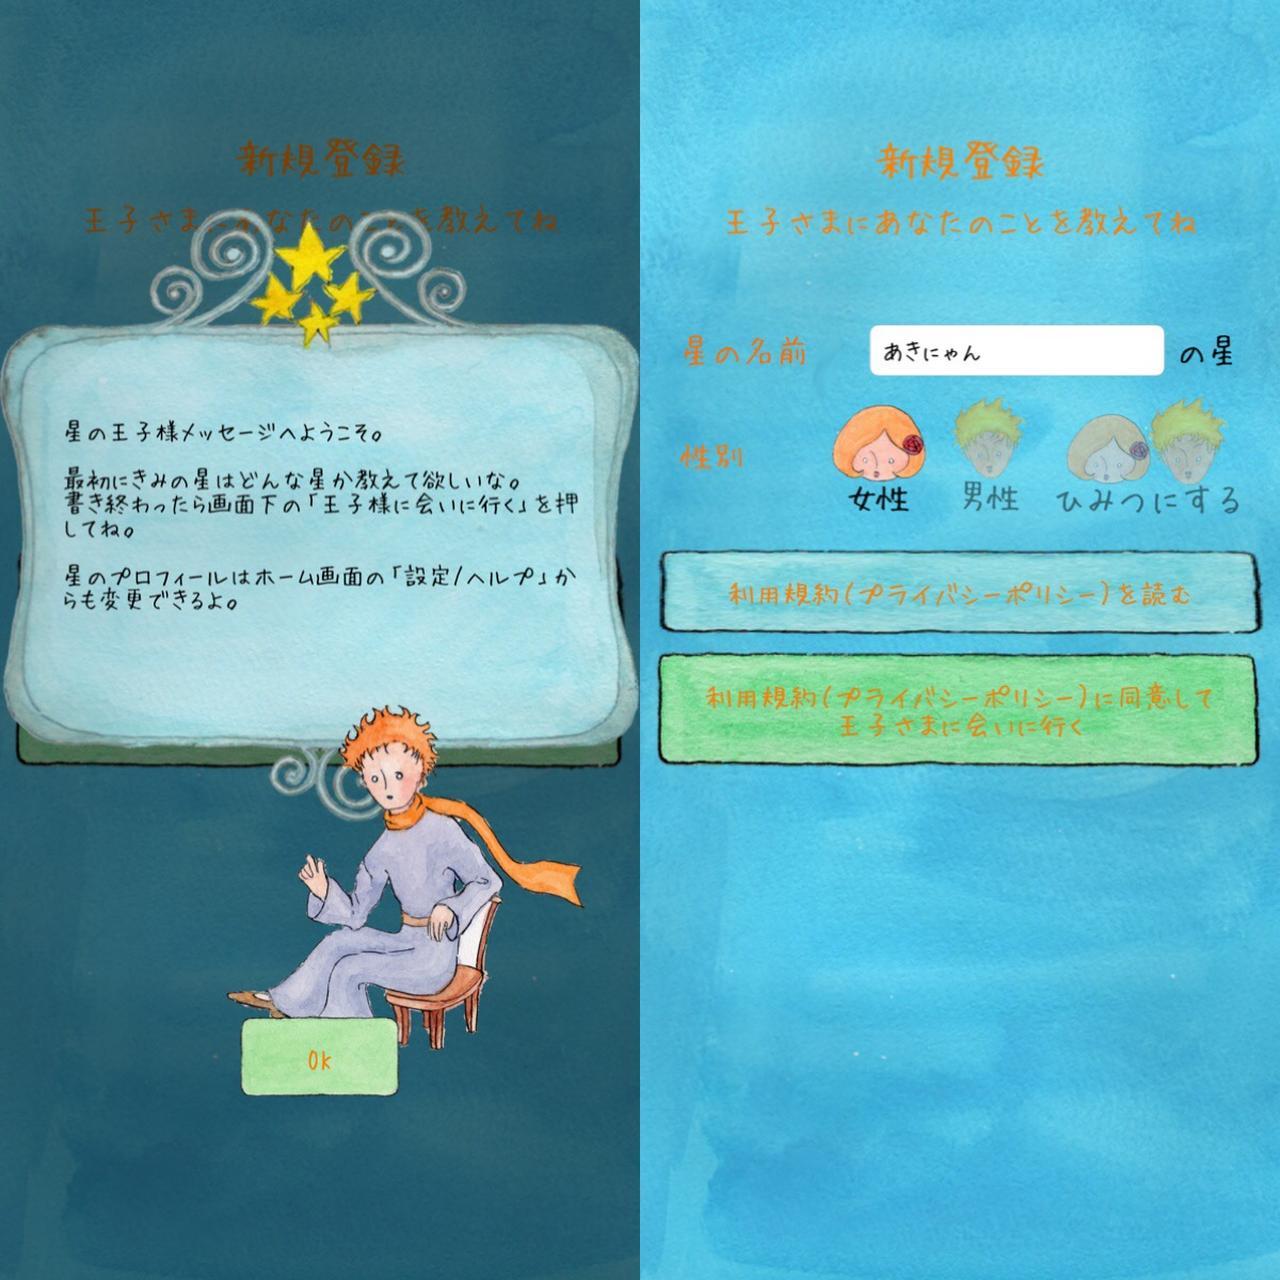 画像2: 星の王子様のその後がアプリになった?!メッセージを王子様が届けます。